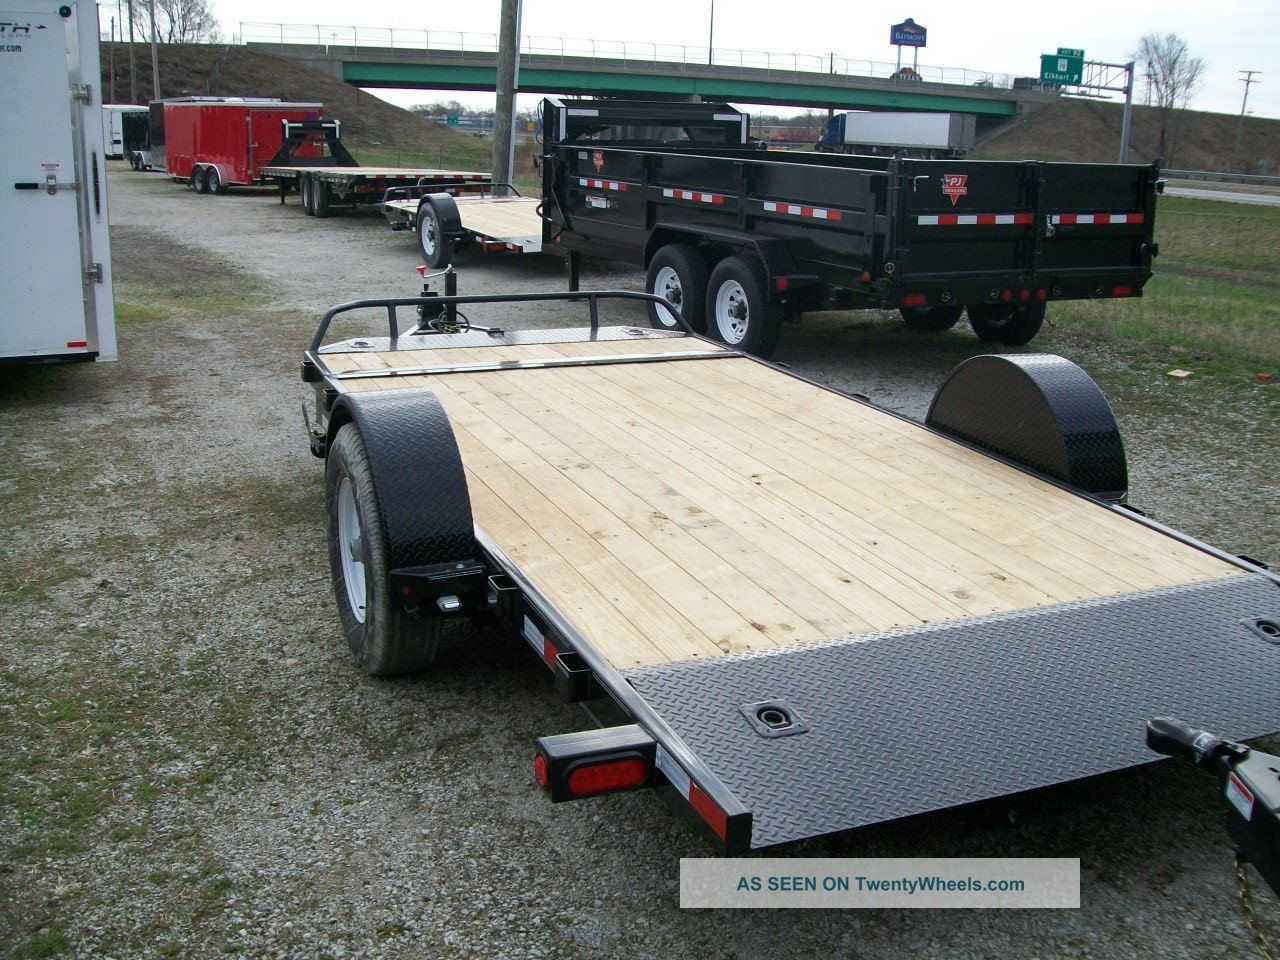 Single Axle Trailer Specs : Pj tilt equipment trailer gvw single